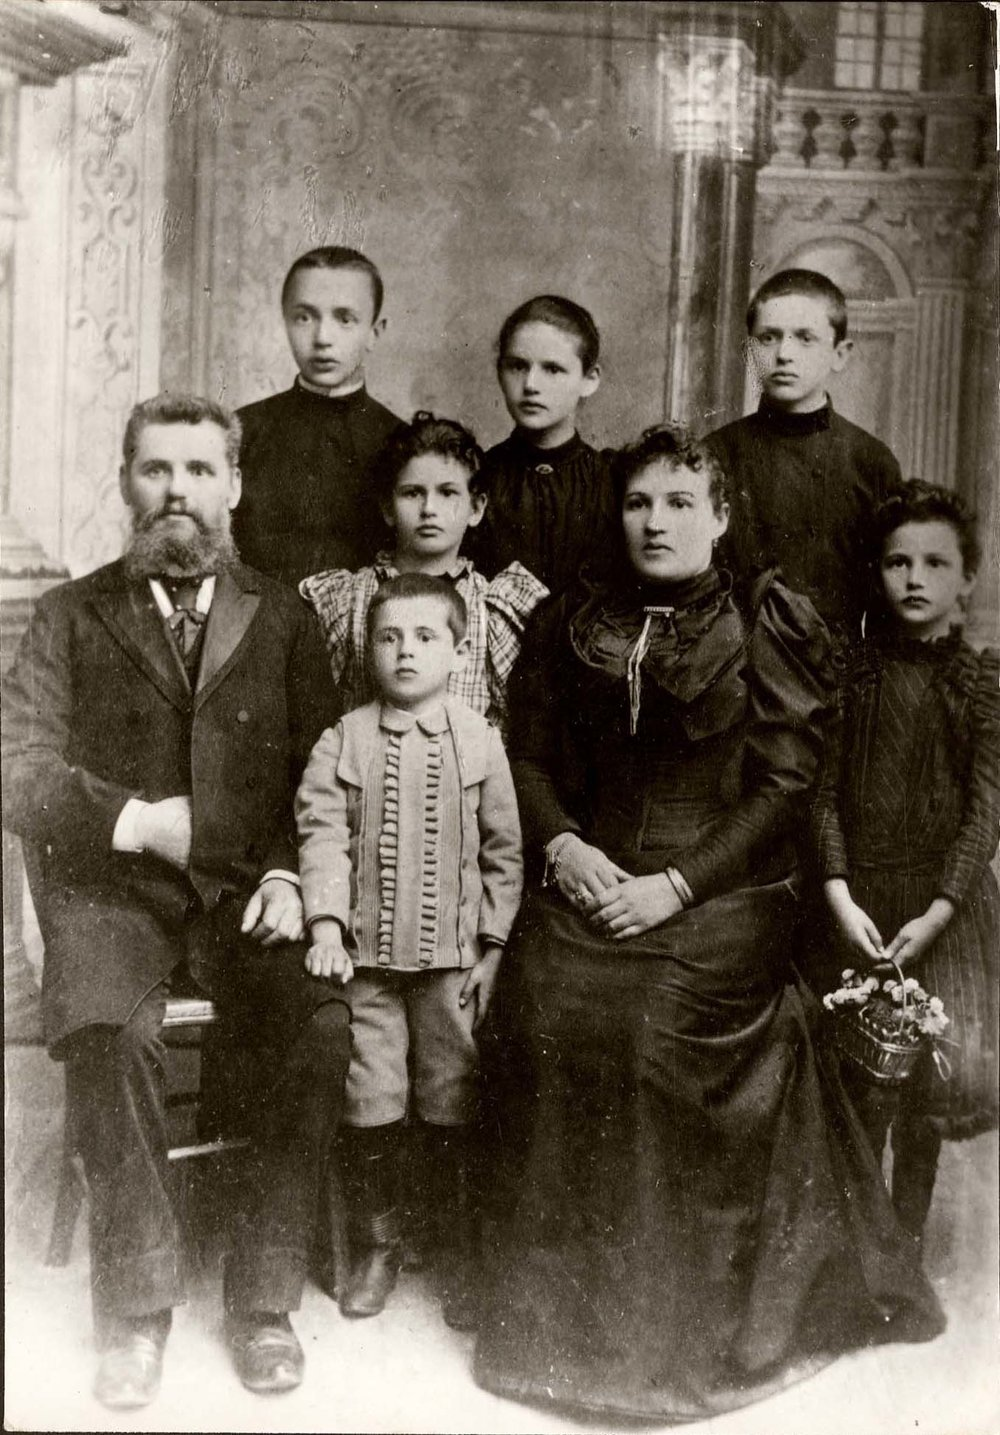 Lasar Segall, o caçula, com pais e irmãos, em 1897, em Vilnius, capital da Lituãnia